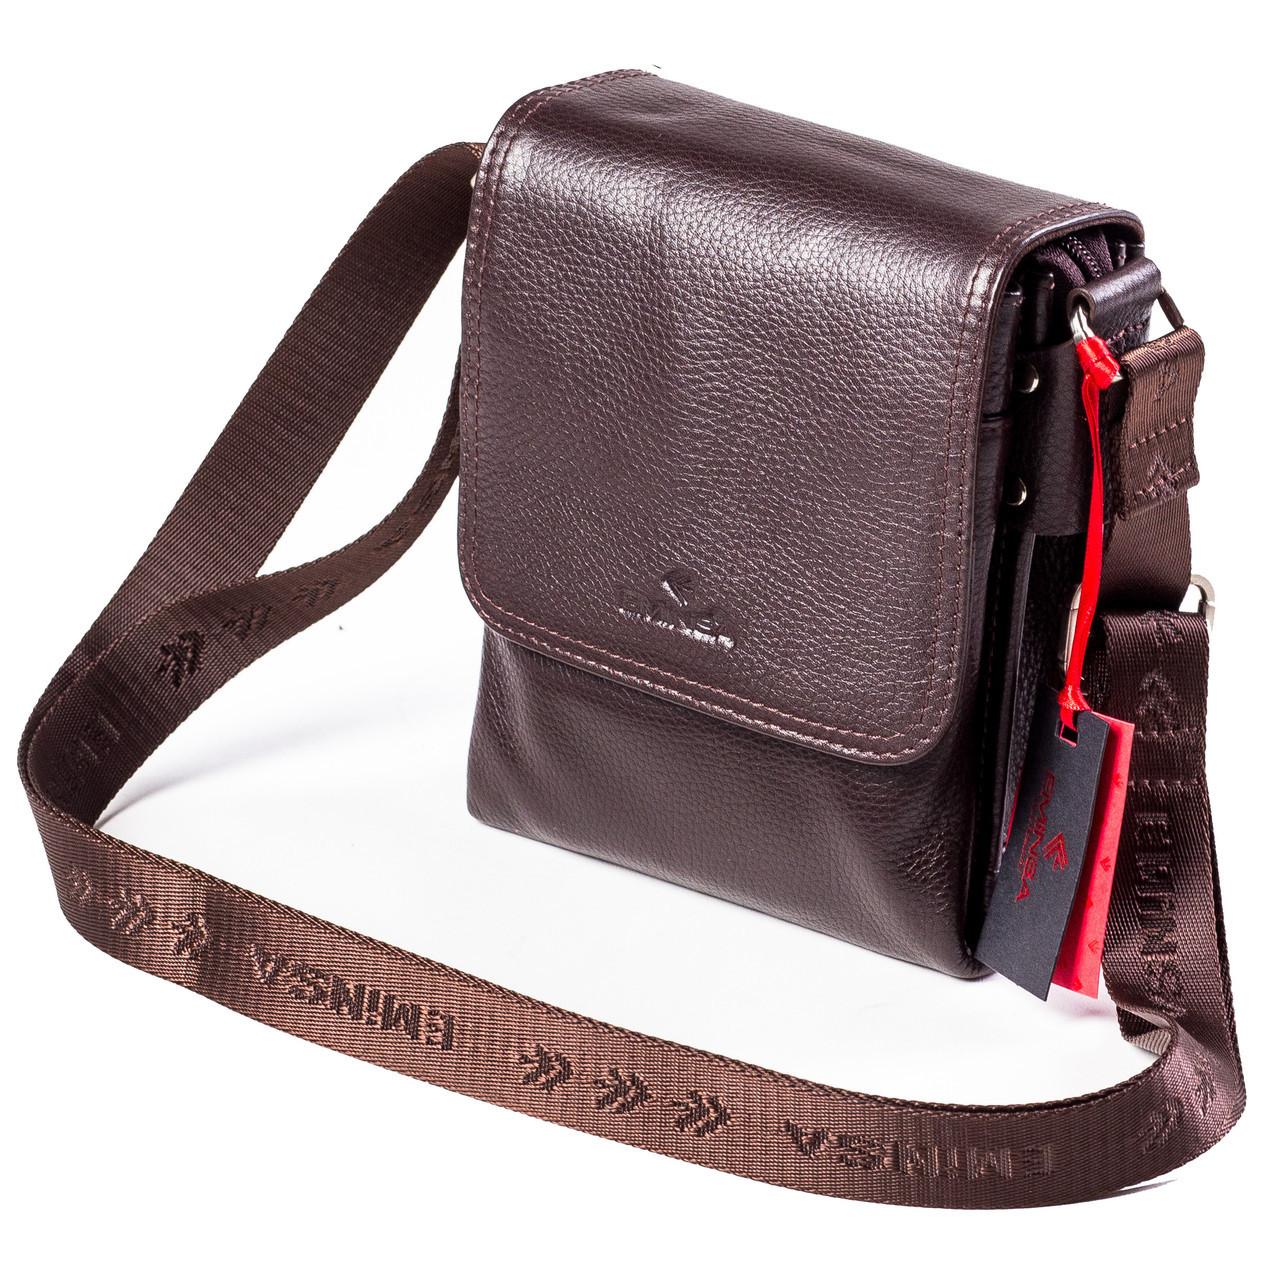 Мужская сумка кожаная коричневая Eminsa 6097-18-3  продаж 427f7d8959095